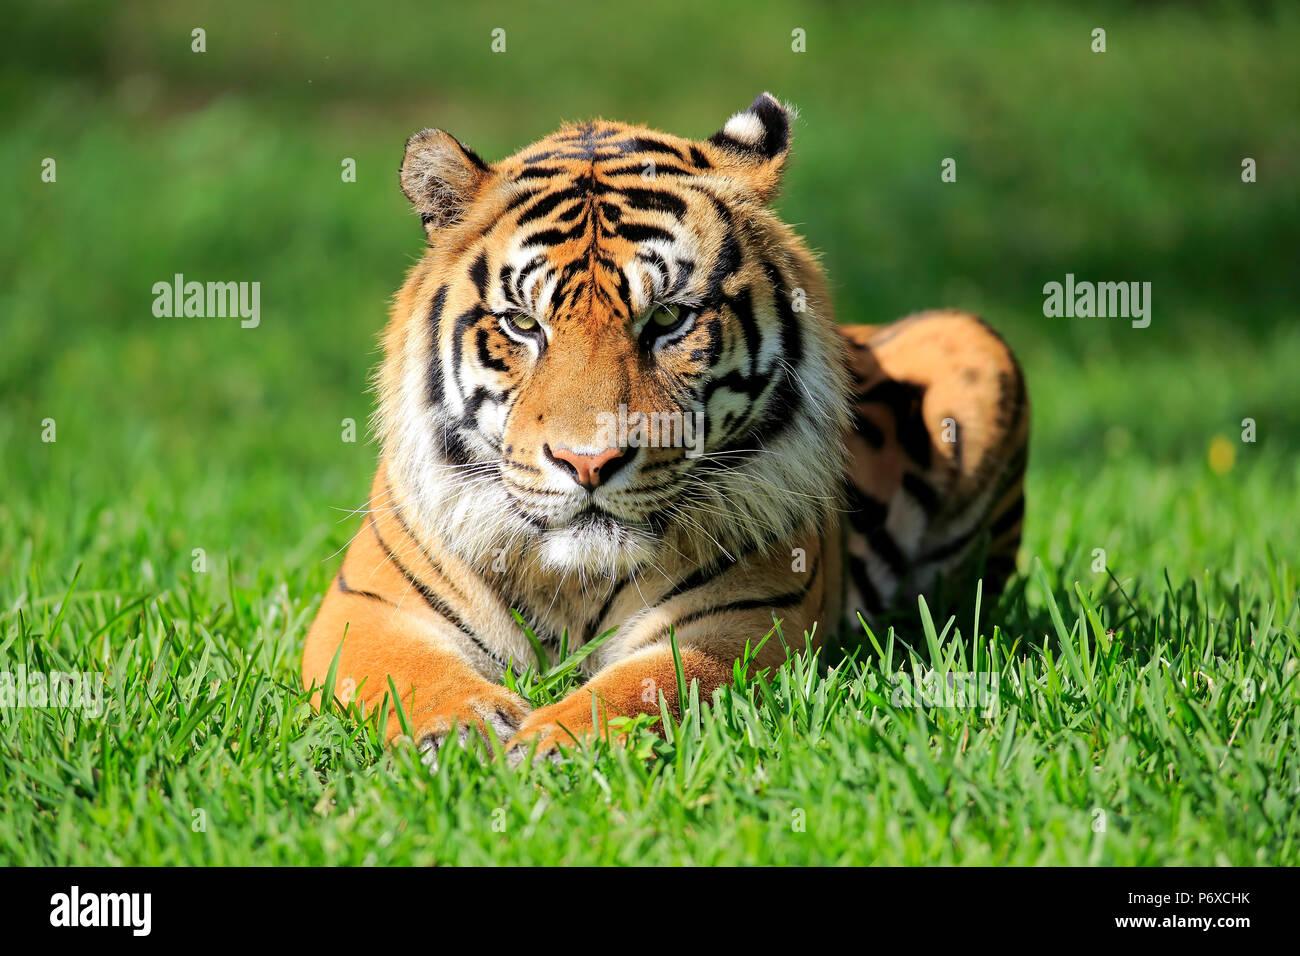 Sumatran Tiger, adult male, Sumatra, Asia, Panthera tigris sumatrae - Stock Image